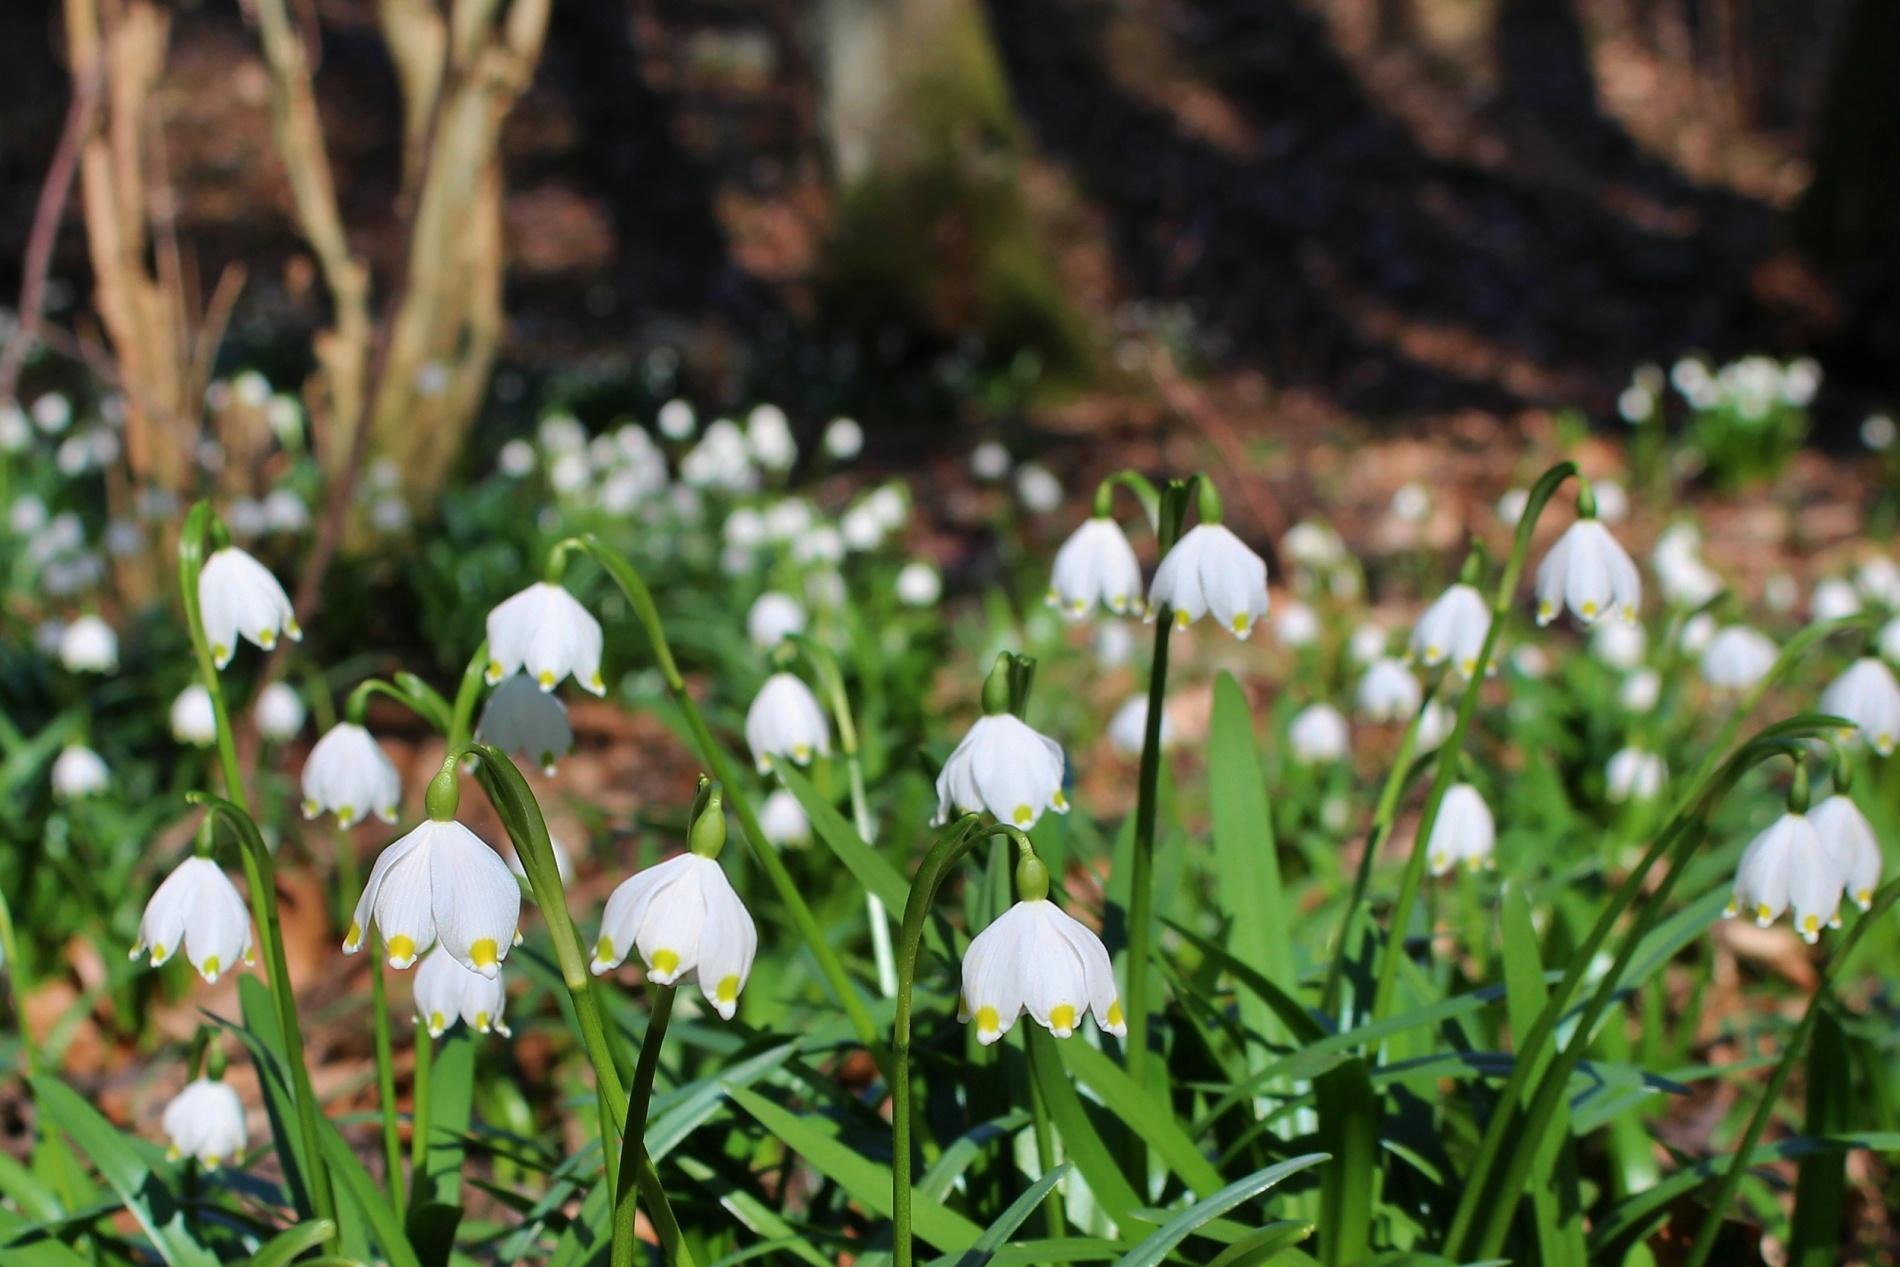 Fotografování jarních květin nemusí být pouze makrofotografií jednotlivých květů nebo trsů. Ukažte květy v jejich životním prostředí. Bledule v údolí Chlébského potoka na Vysočině, foceno 9. 3. 2014. Canon EOS 100D, objektiv EF-S 18-55, 1/80 s, F6.0, kompenzace EV −1/3, ISO100, ohnisko (EQ35) 50 mm.jpg